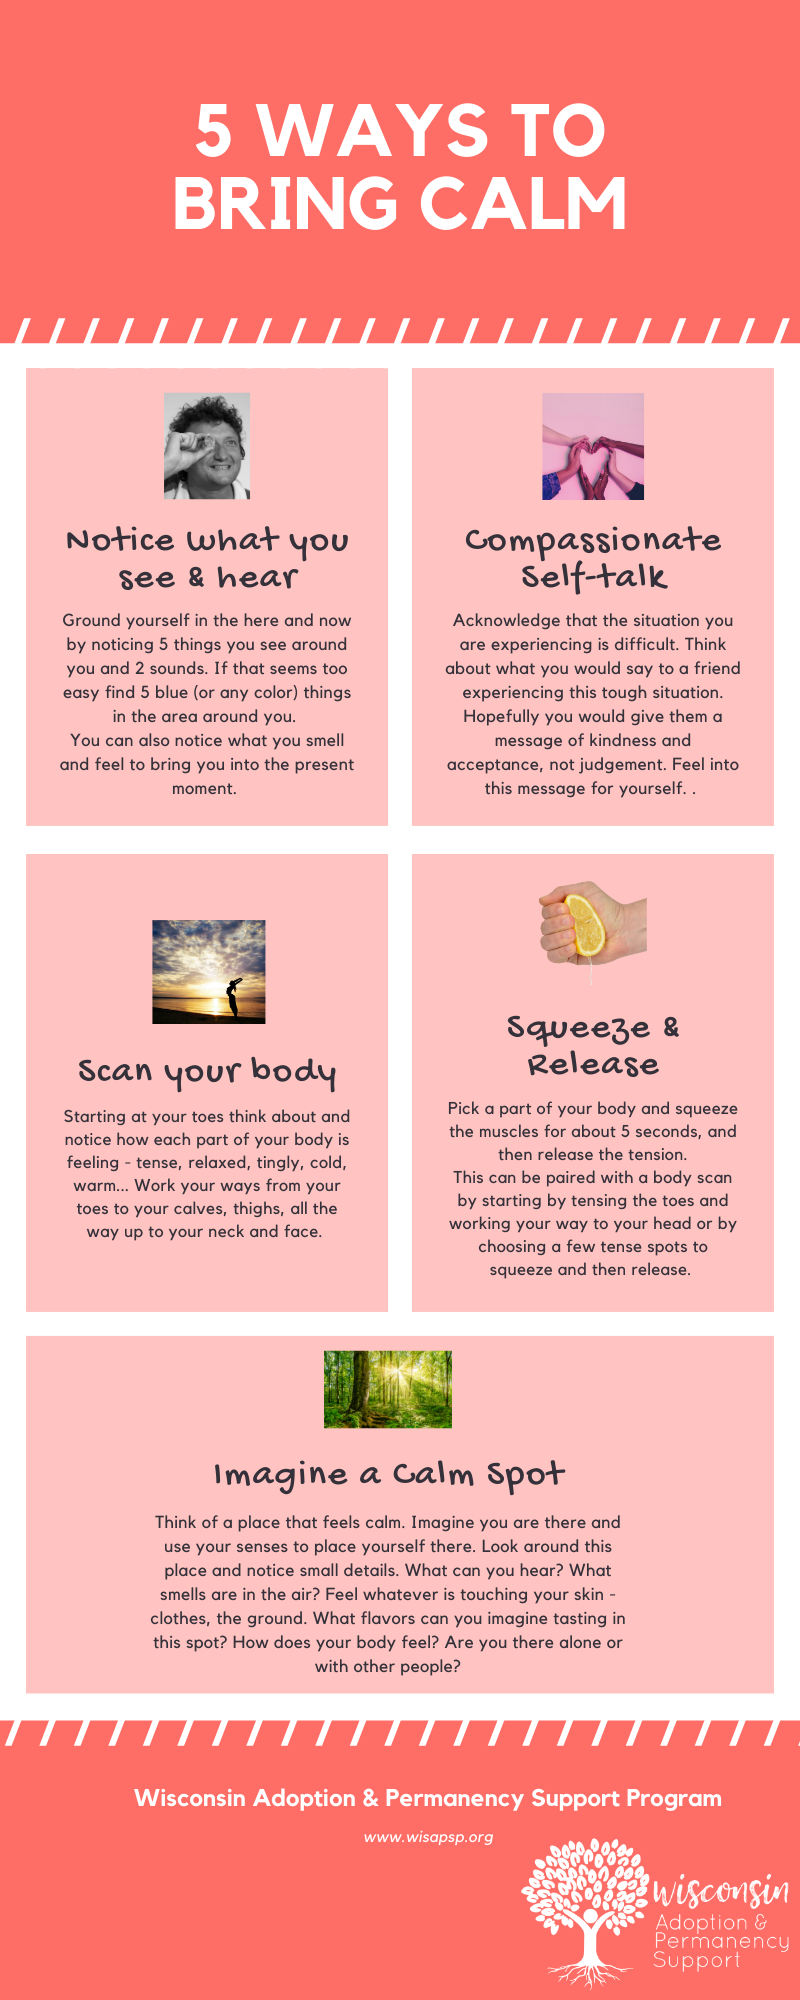 5 Ways to Bring Calm